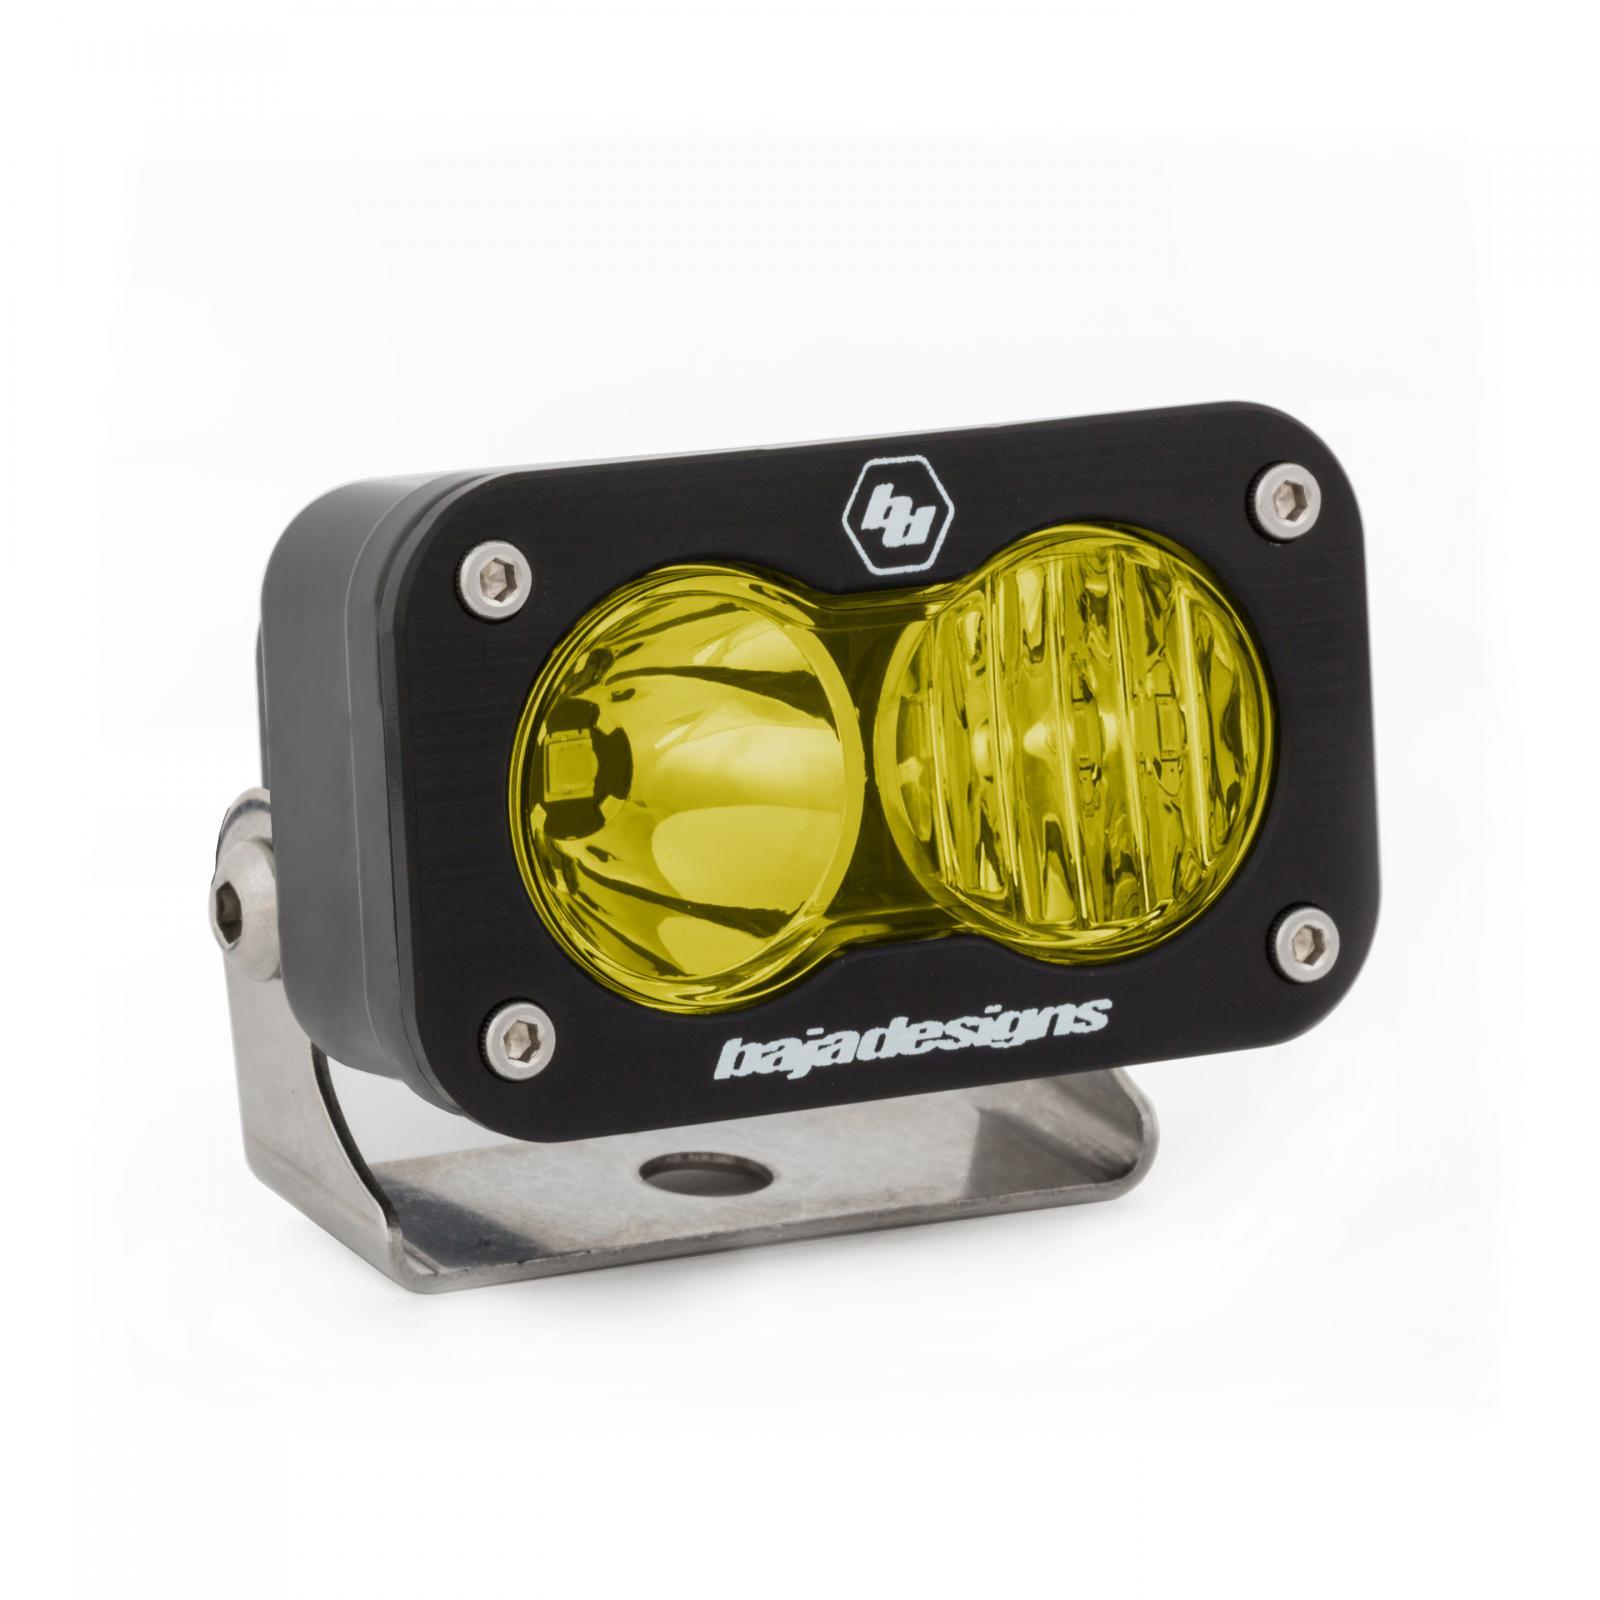 Baja Designs LED Work Light Amber Lens Driving Combo Pattern Each S2 Sport